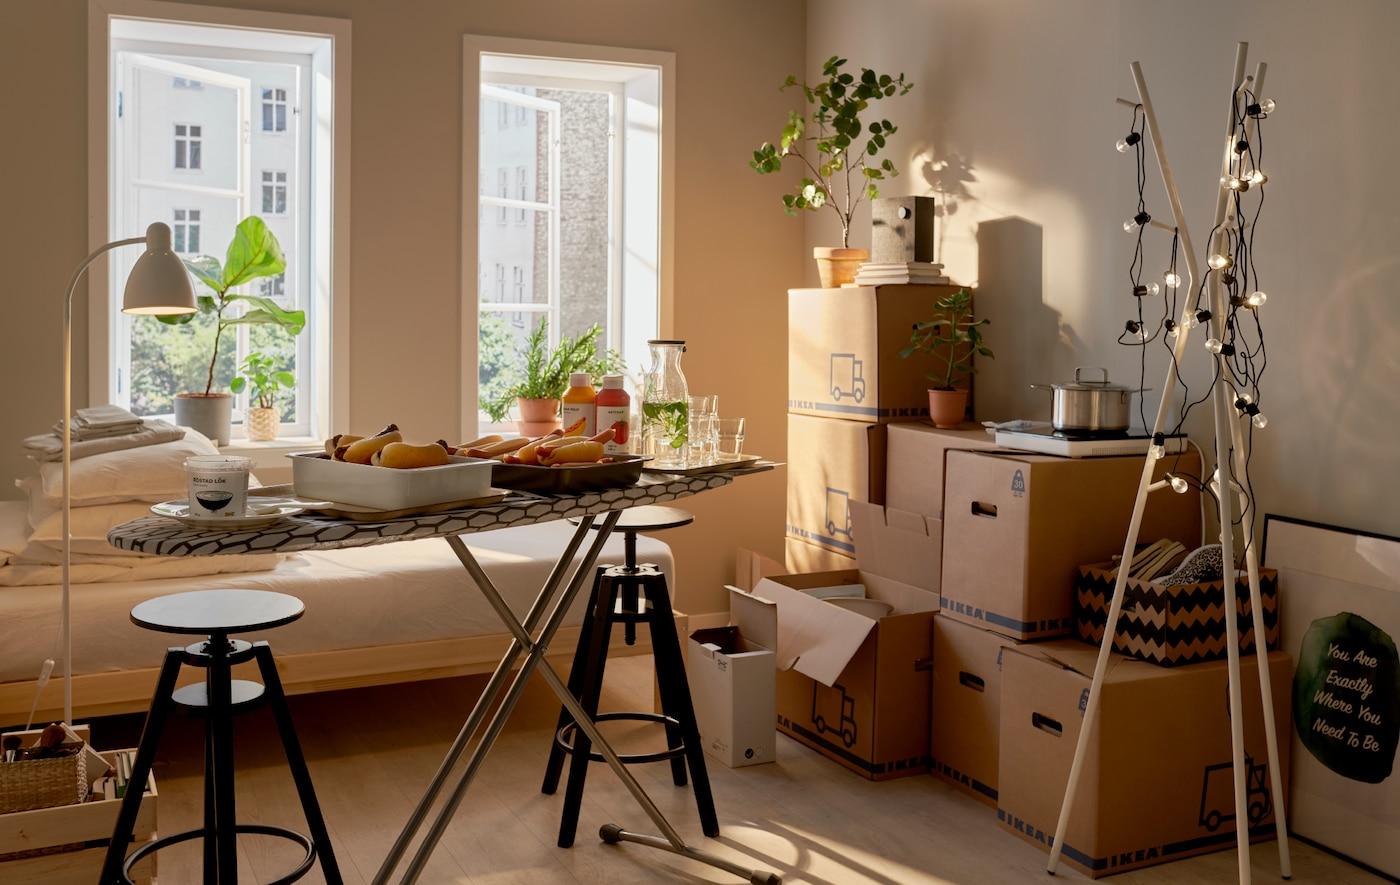 O cameră în care se mută cineva, cu cutii așezate una peste cealaltă, un mic bufet servit pe o masă de călcat și un cuier EKRAR decorat/